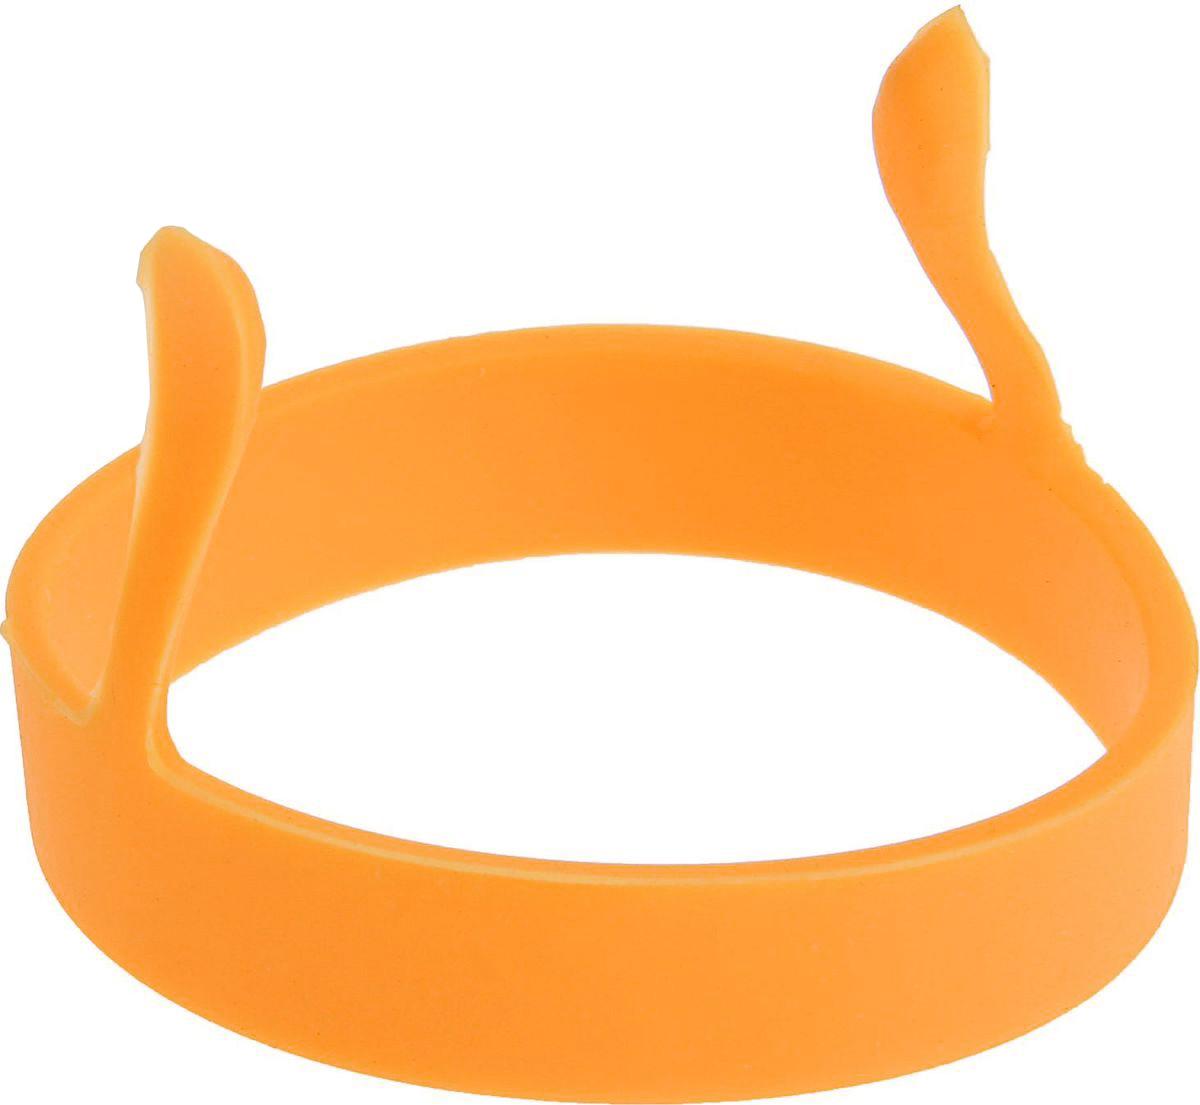 Форма для яичницы и блинов Доляна Круг, цвет: оранжевый, 8 см811913Вкусные блины, оладьи, омлеты и яичницы нравятся всем. Сделать хорошо знакомые блюда поводом для кулинарной гордости поможет специальная форма из силикона. Налейте на сковороду масло и поставьте на средний огонь, расположите форму в центре и наполните её тестом или разбейте внутрь яйцо, обжаривайте до готовности.Силикон обладает важными достоинствами: выдерживает температуру от -40 до +230 °C, не обжигает руки при готовке, легко отмывается, в том числе в посудомоечной машине, благодаря высокой гибкости и прочности служит долгое время.